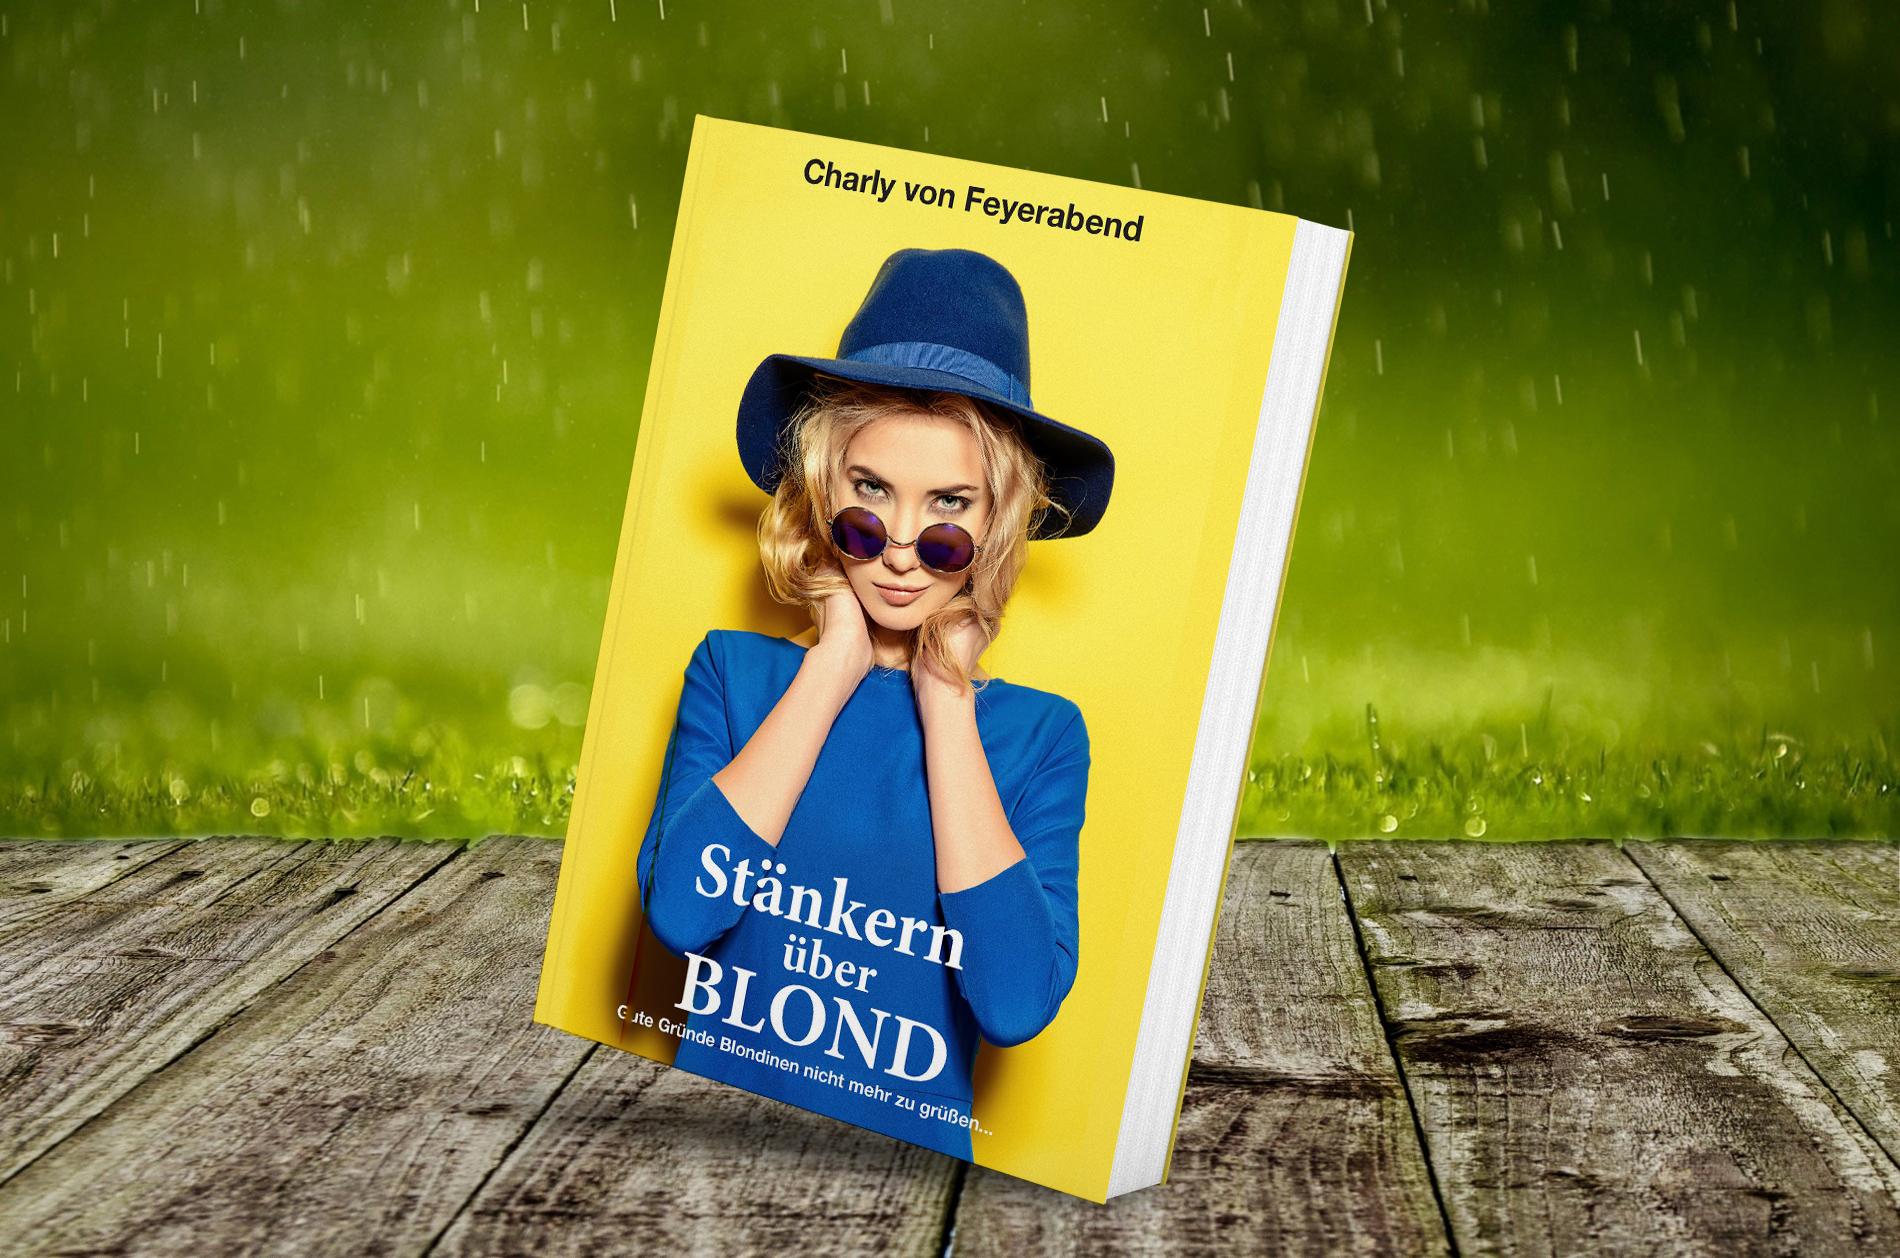 Charly von Feyerabend: Staenkern ueber Blond